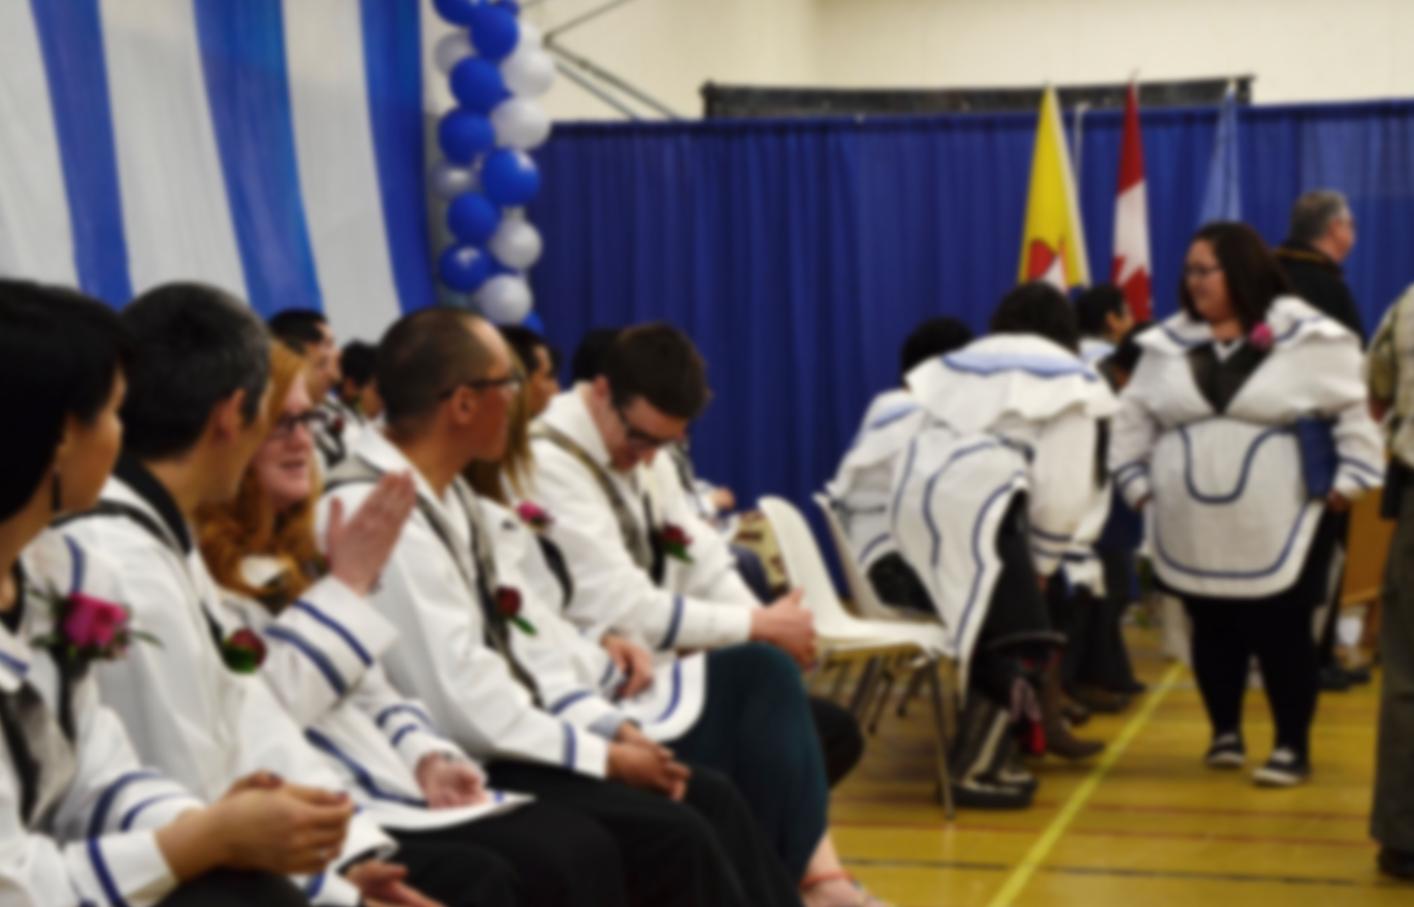 Nutaat Kiinaujaqutissat Atuinnautitaujut Inuit Ilinniariarutissaqtaarasuttunut Silattuqsaqvingni